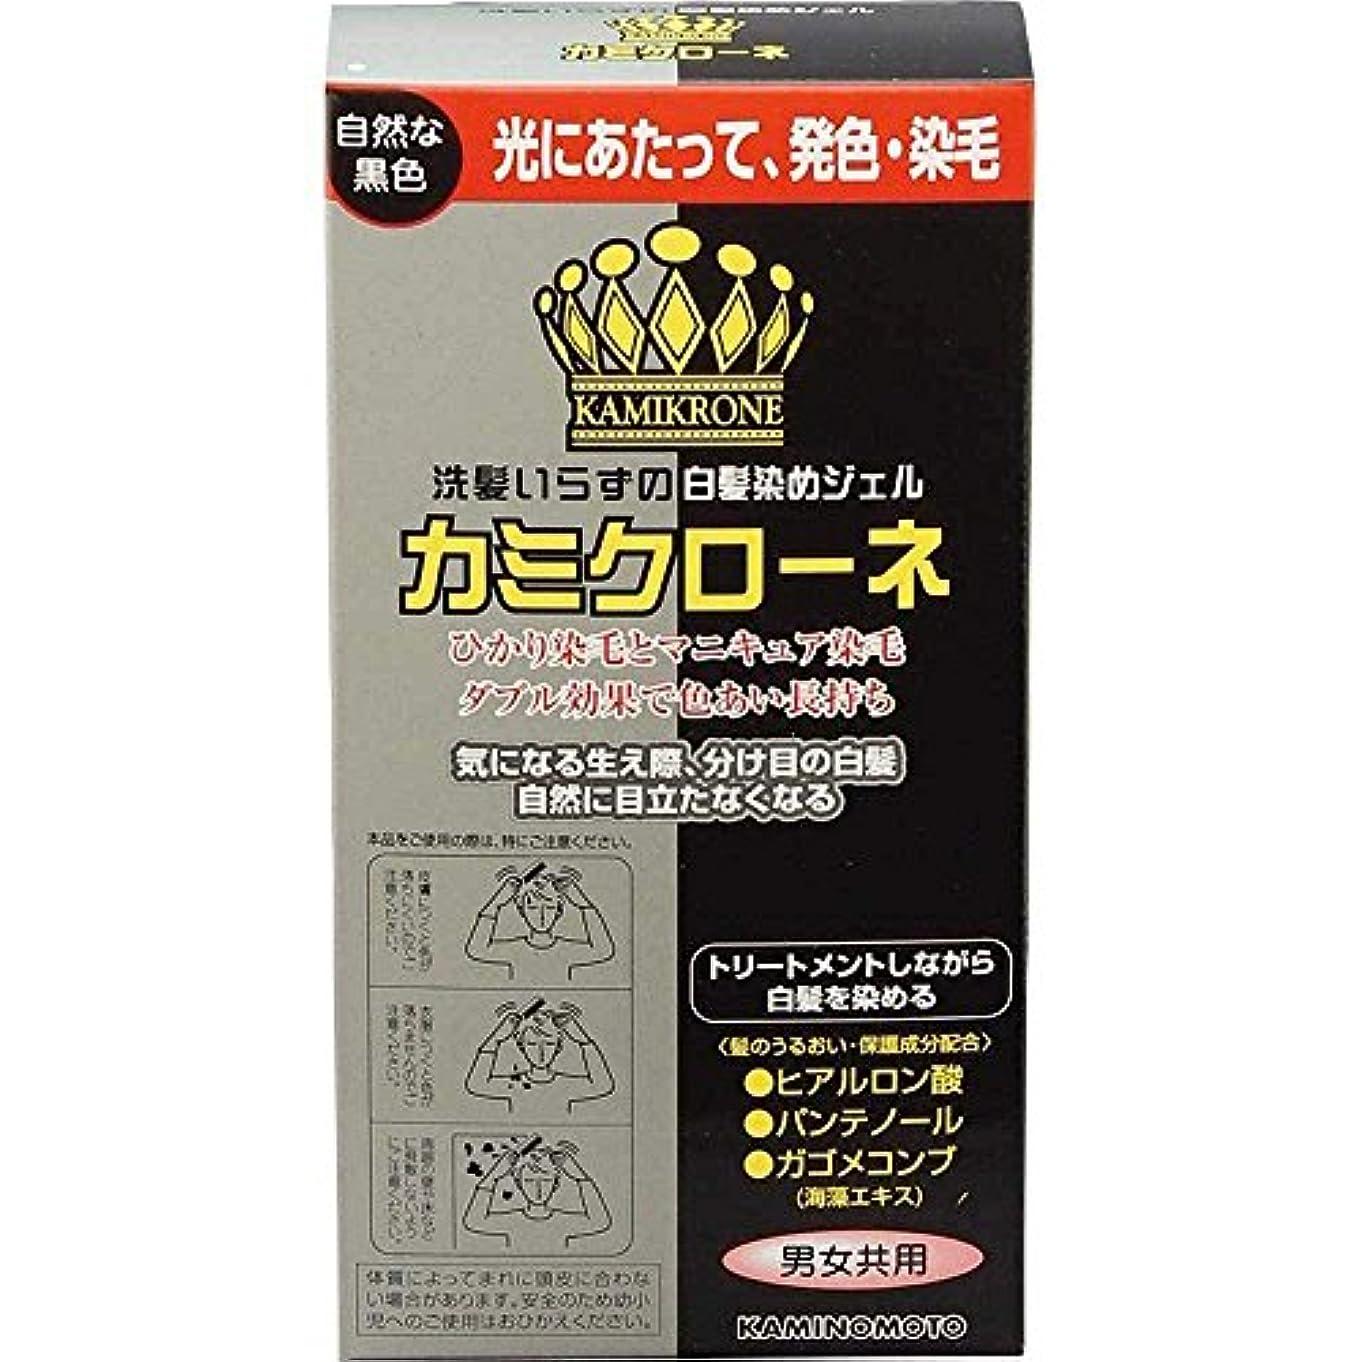 臭い小麦安全な加美乃素 カミクローネ ナチュラルブラック 80ml×6個